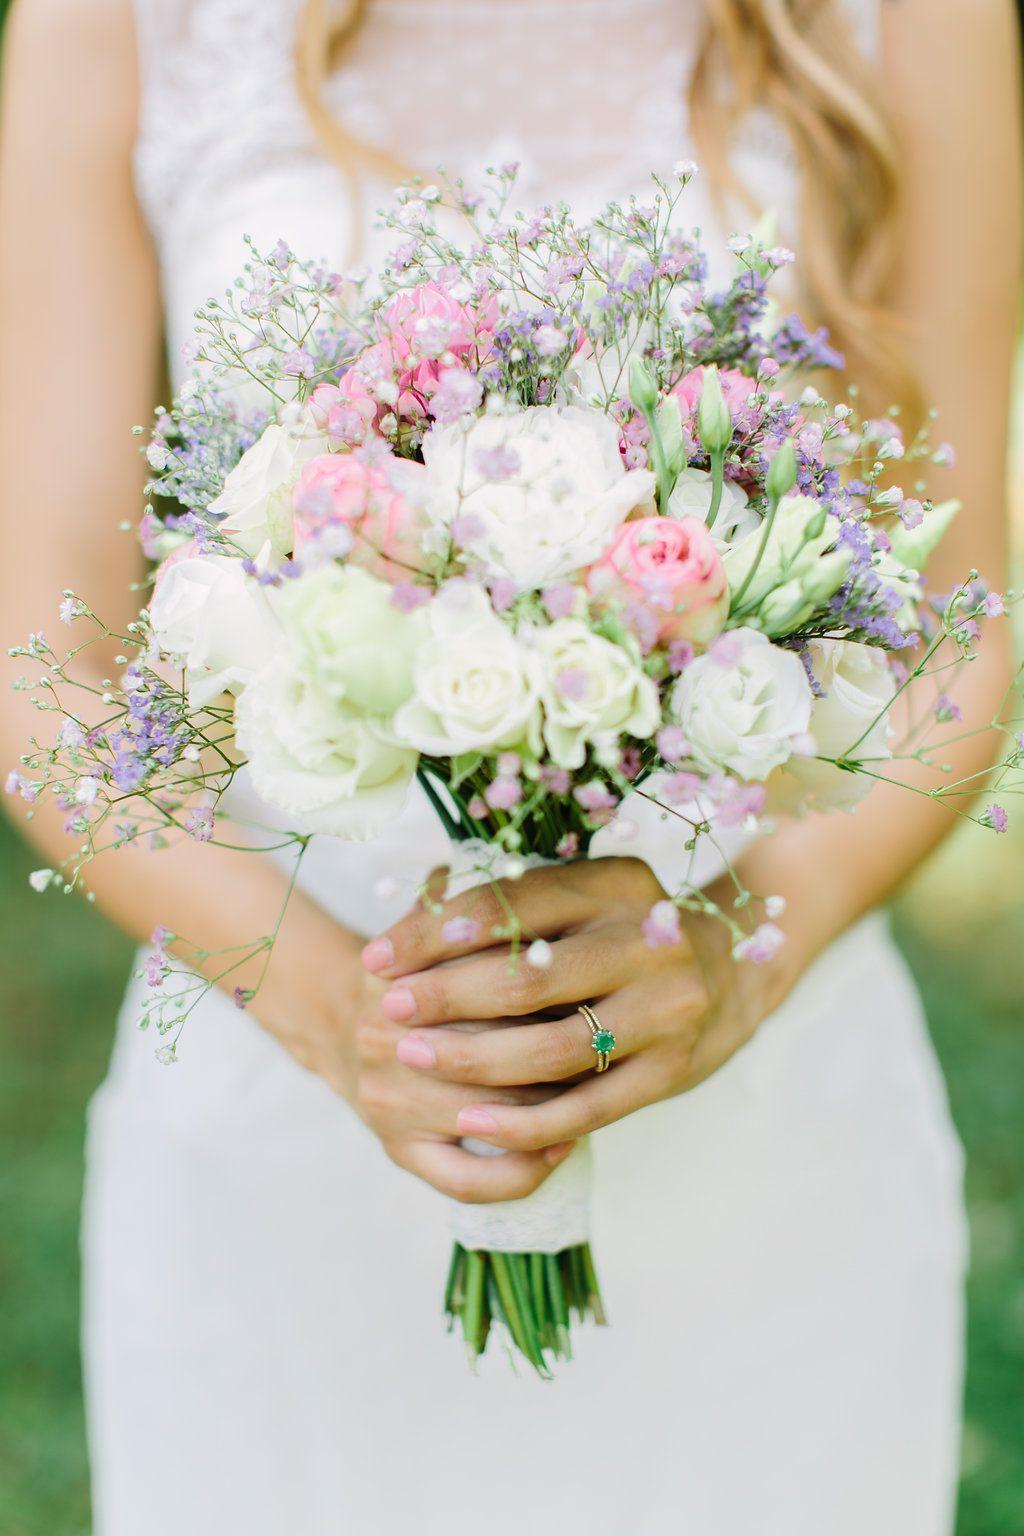 Pin von Wildflower auf Wildflower Wedding Bouquets